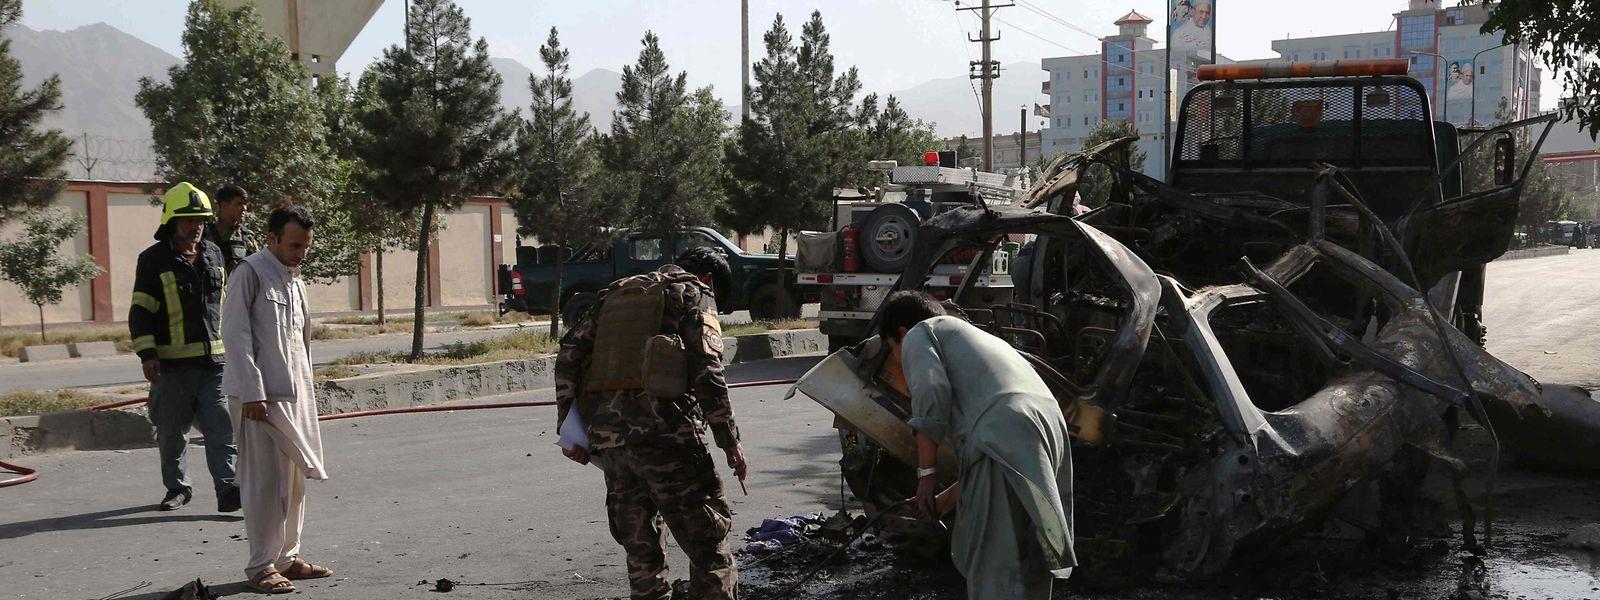 Afghanische Sicherheitskräfte inspizieren am Ort einer Bombenexplosion in Kabul die Überreste eines Fahrzeugs.